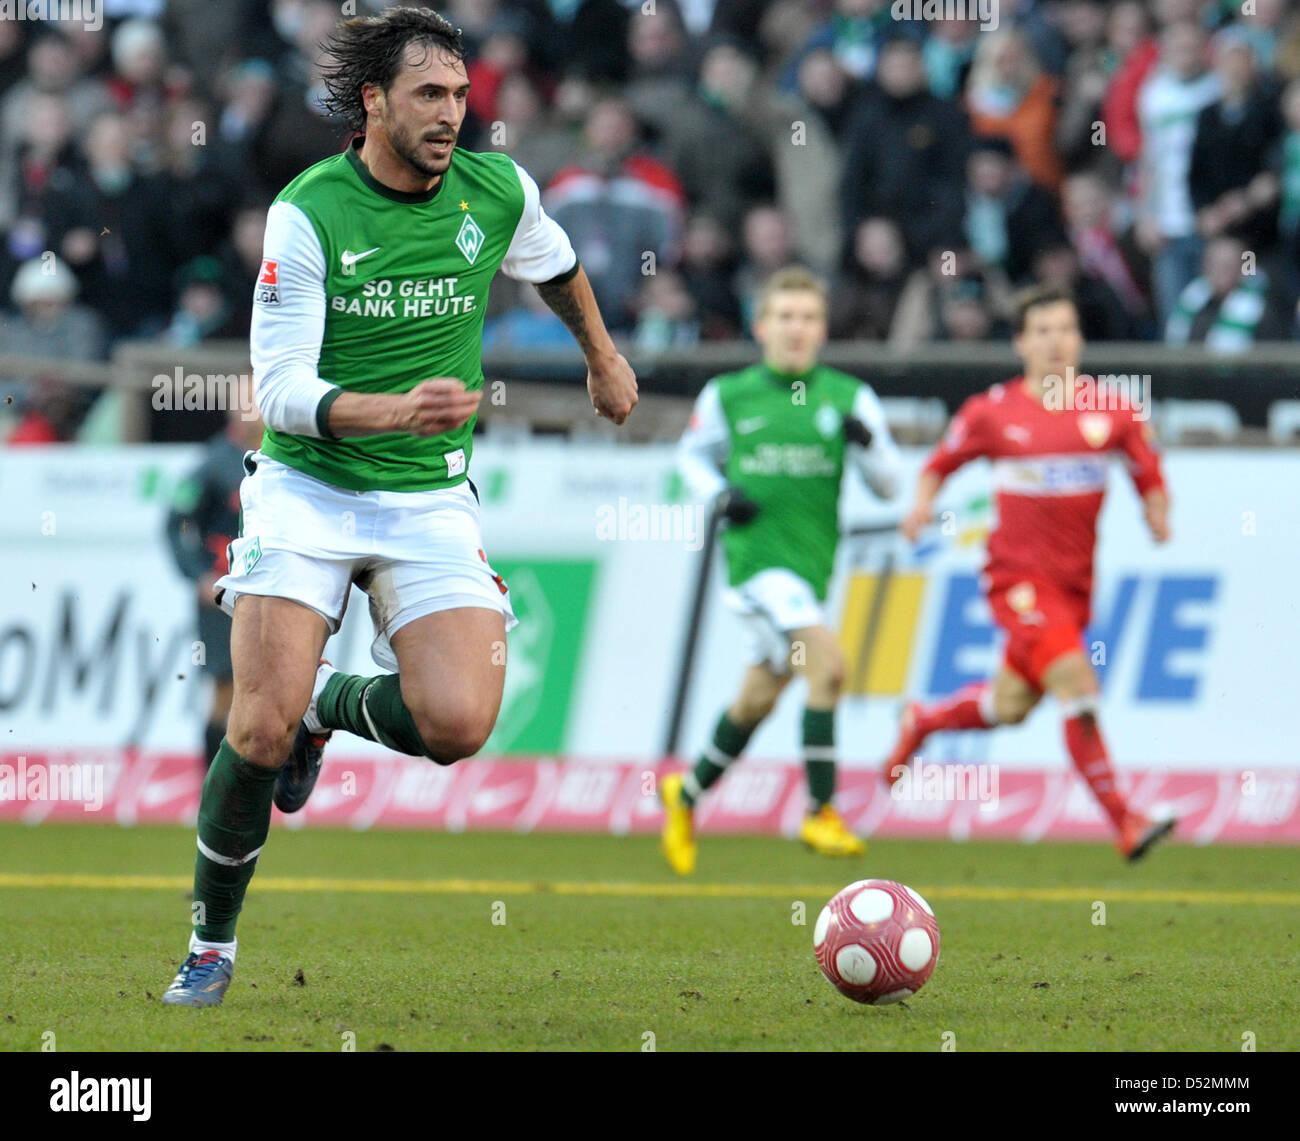 Fu§ball Bundesliga 25. Spieltag: Werder Bremen - VfB Stuttgart am Samstag (06.03.2010) im Weserstadion in Bremen. - Stock Image